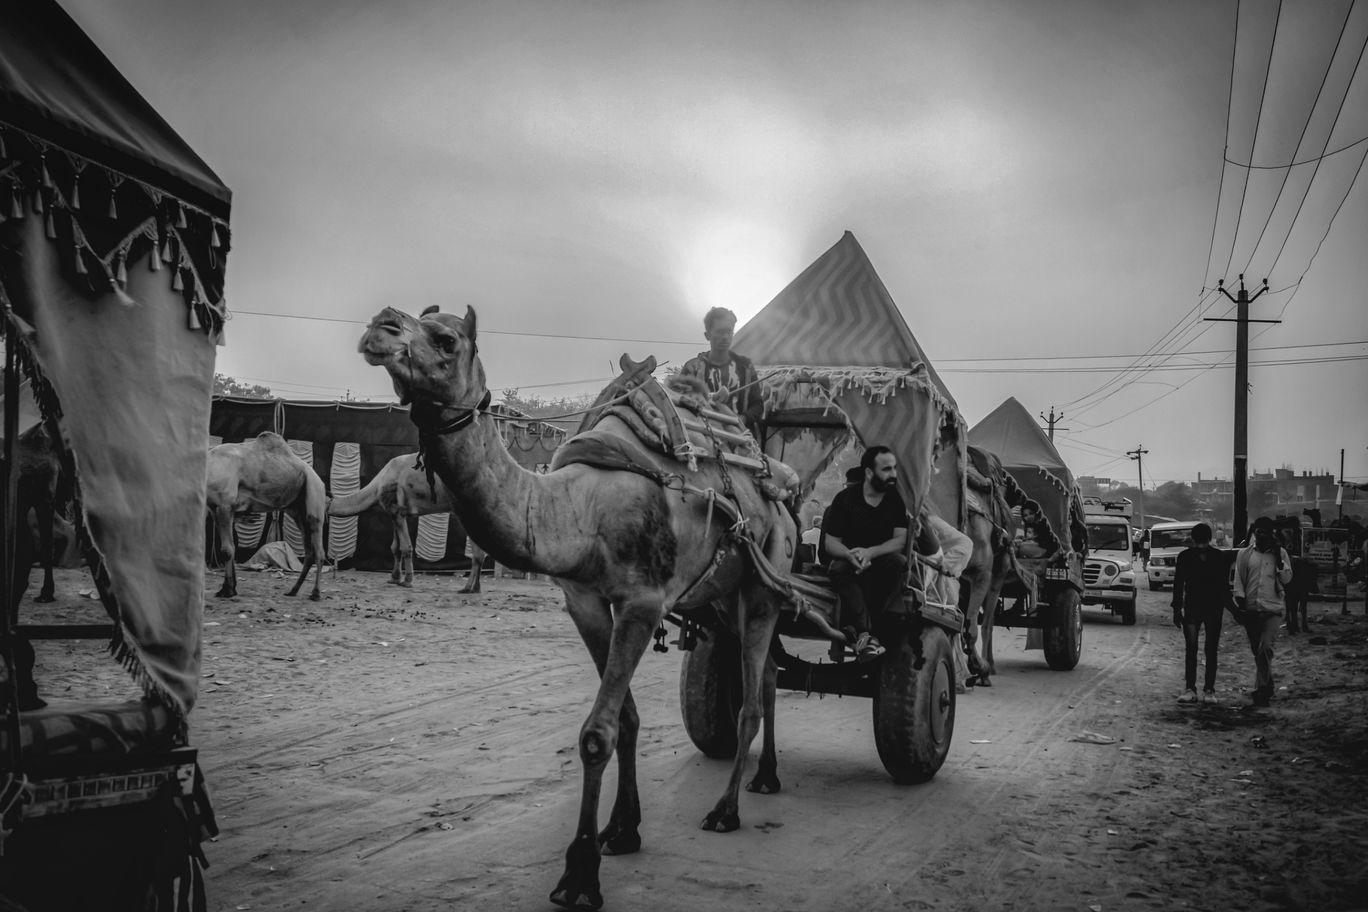 Photo of Pushkar By Mridupowan Baishya